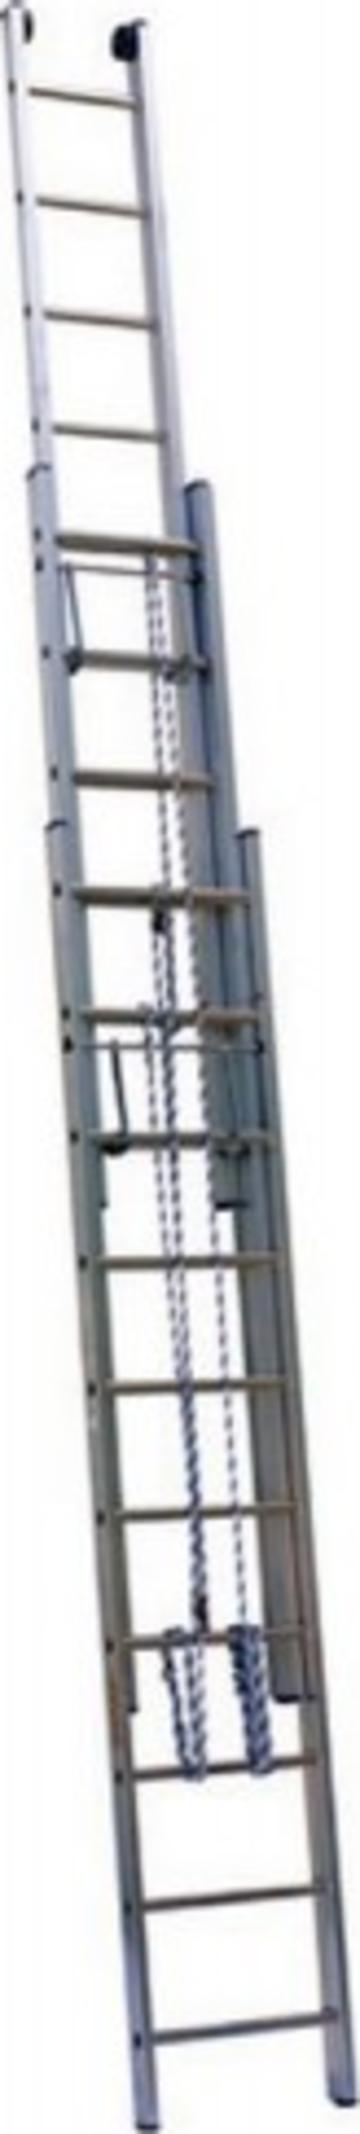 Лестница Лестница выдвижная трехсекционная АЛЮМЕТ 3324 3х24 с тросом